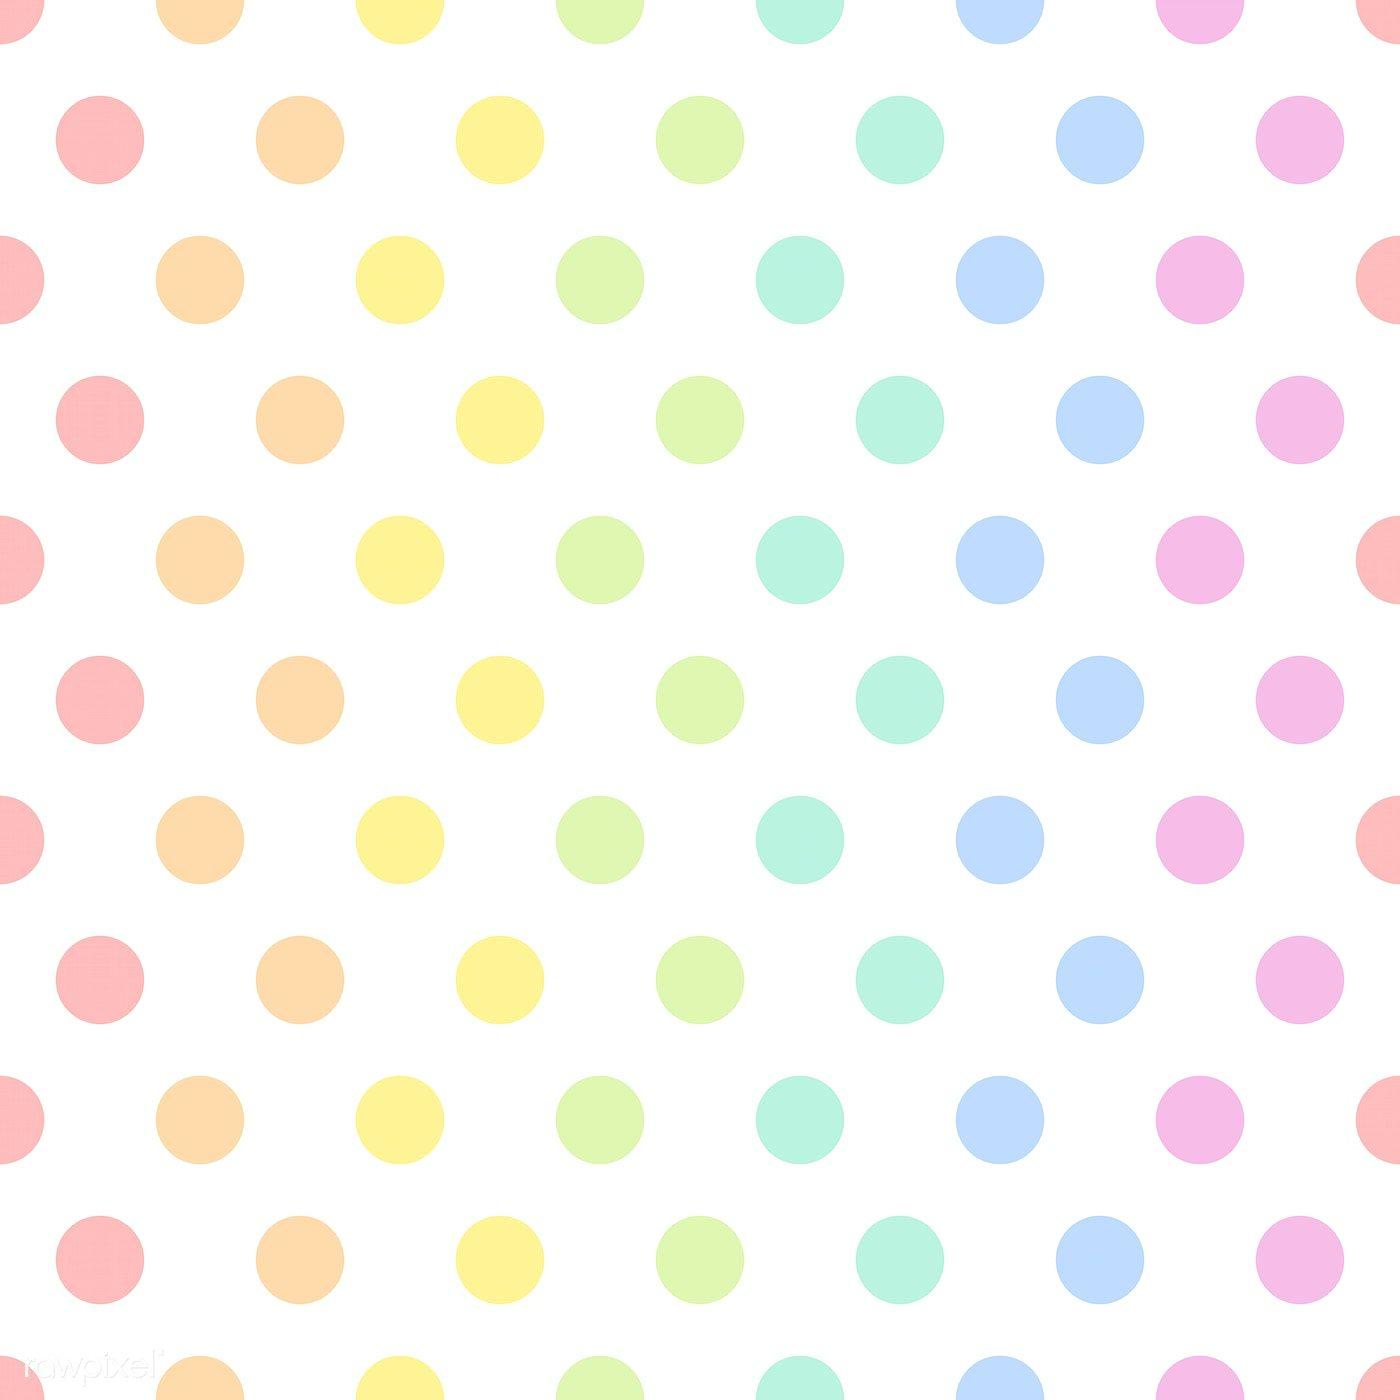 Seamless Colorful Polka Dot Pattern Vector Free Image By Rawpixel Com Manotang Polka Dots Wallpaper Dot Pattern Vector Polka Dots Wallpaper Background